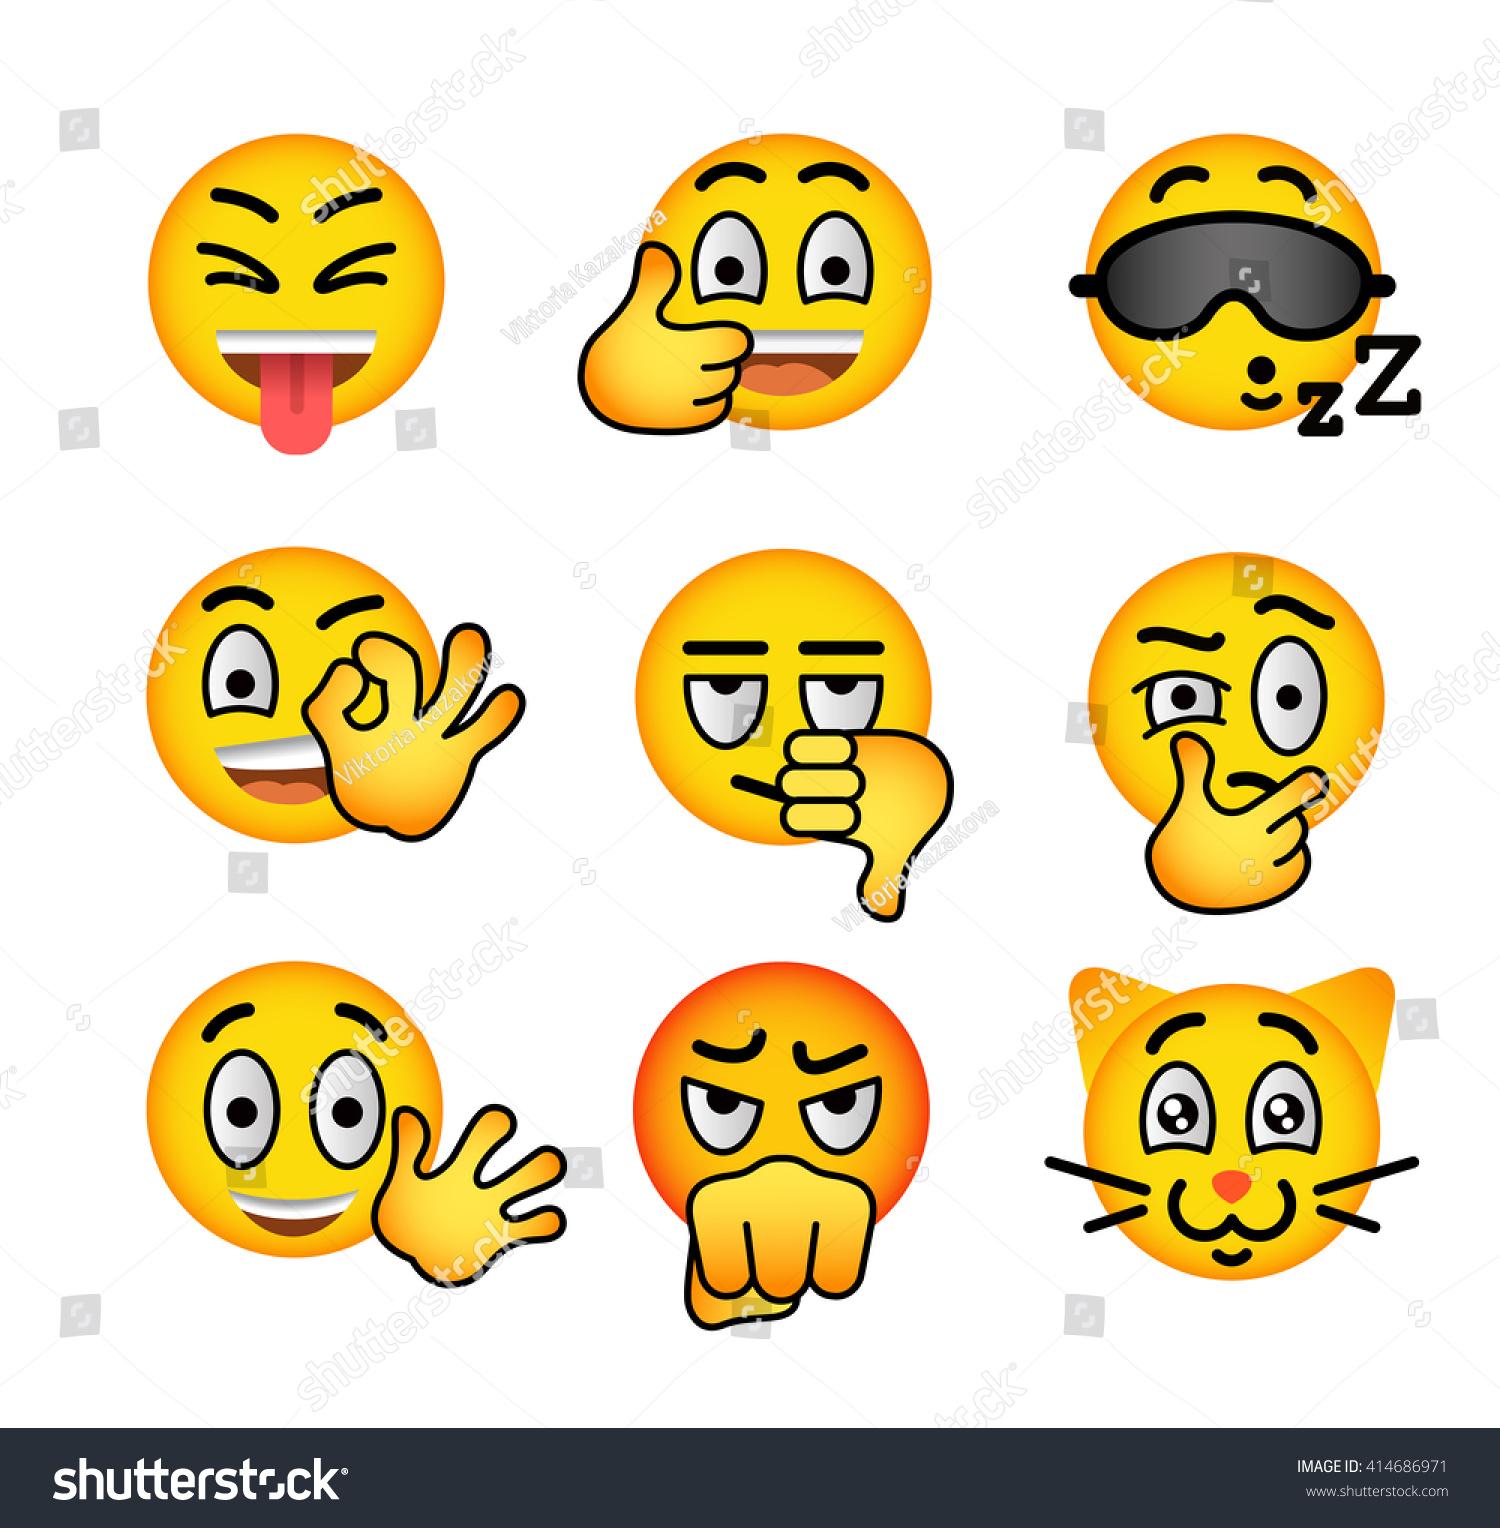 Copy and paste smiley symbols gallery symbol and sign ideas copy and paste smiley symbols gallery symbol and sign ideas cat face text symbol gallery symbol buycottarizona